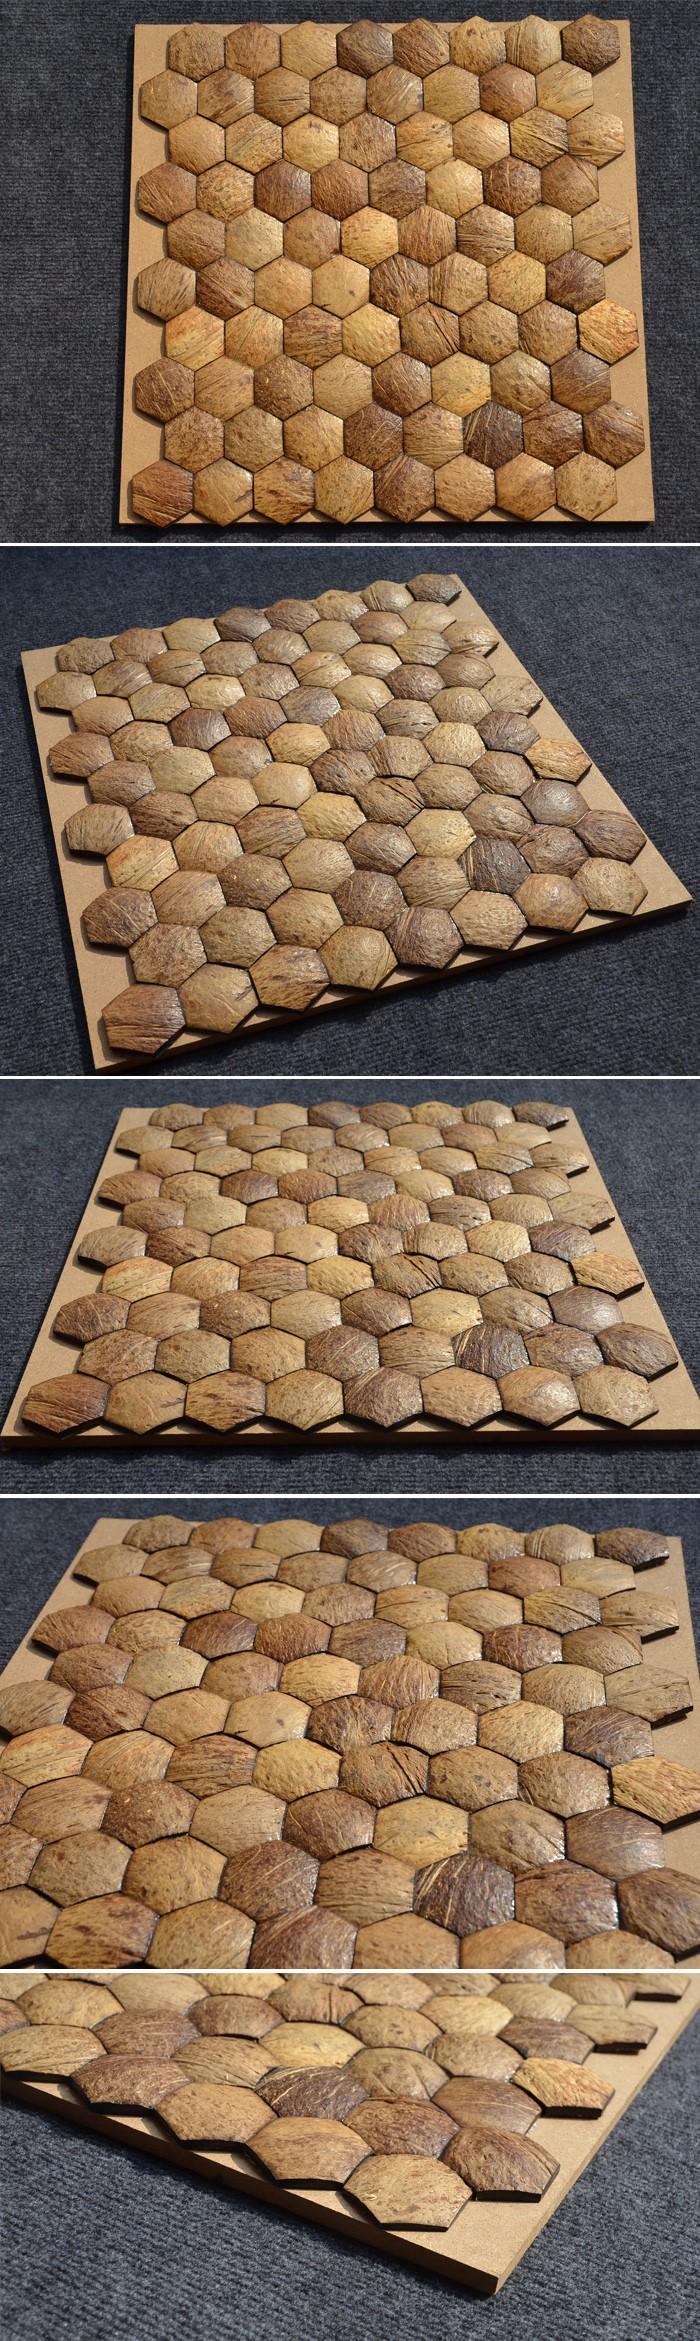 Hssf Lj Abalone Shell Azulejocascara De Coco Baldosasazulejos De - Baldosas-y-azulejos